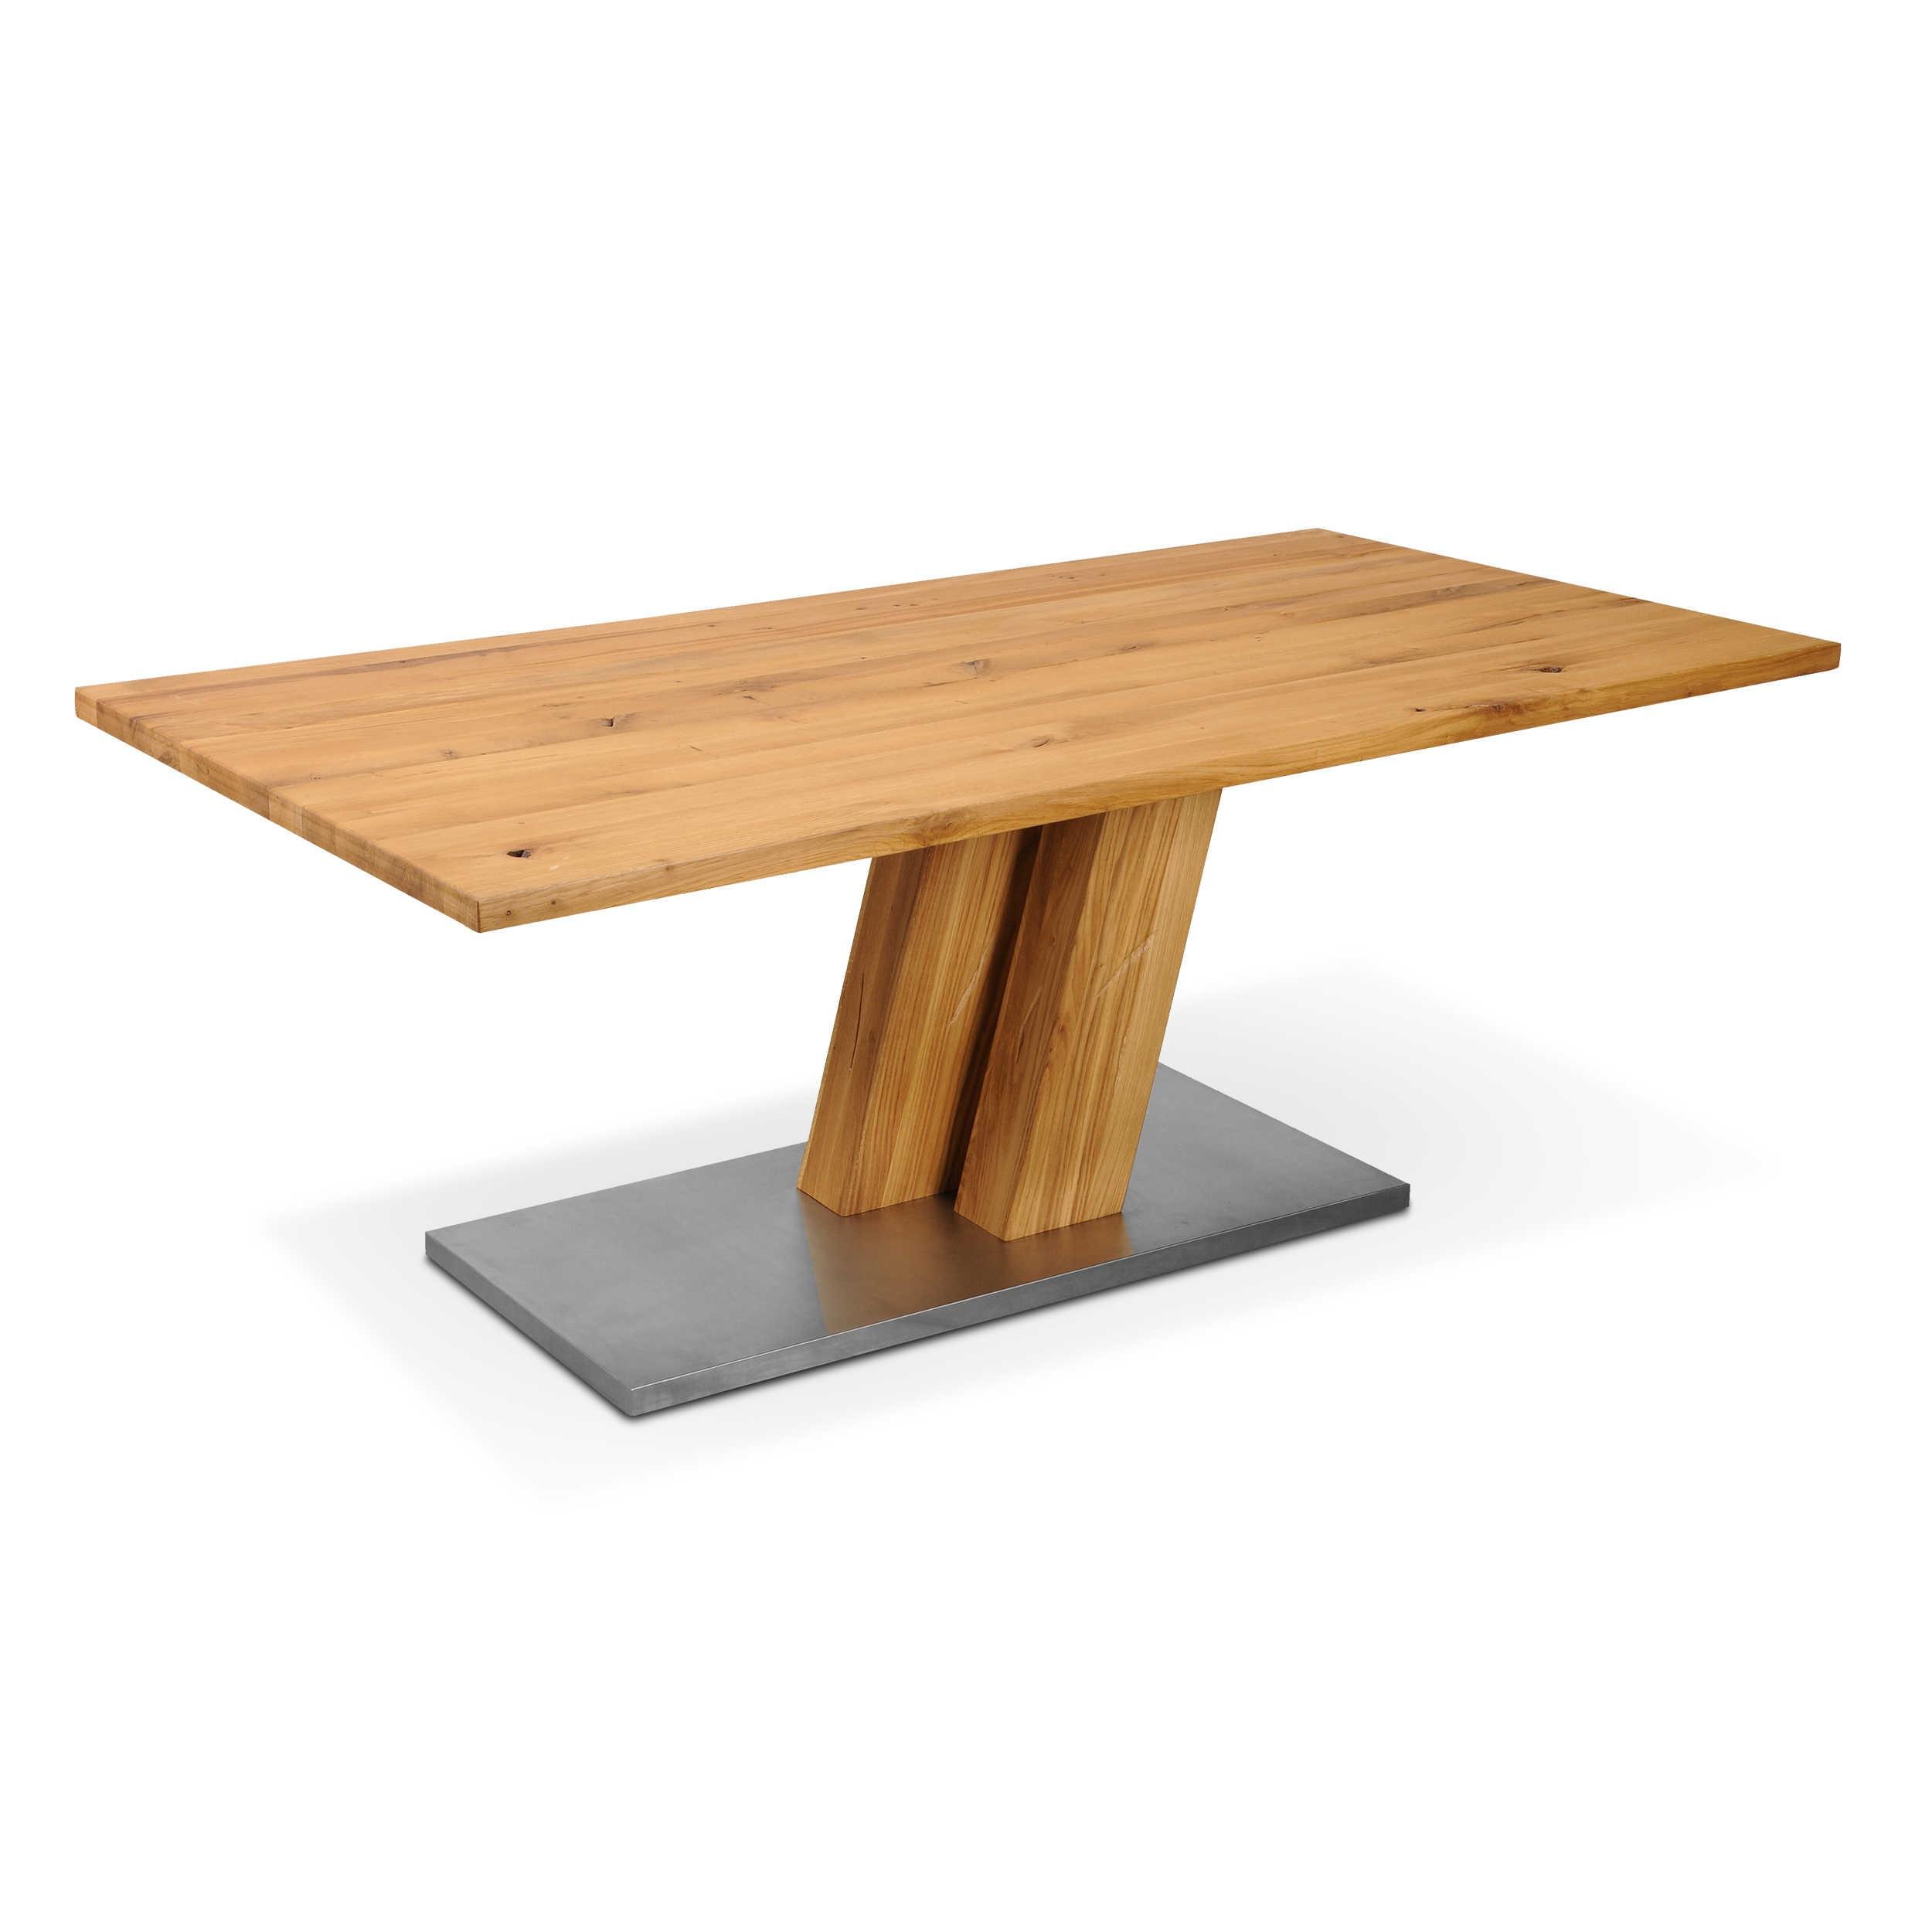 daheim.de, Esstisch Boston 180 x 100 cm Eiche Holz online kaufen bei ...